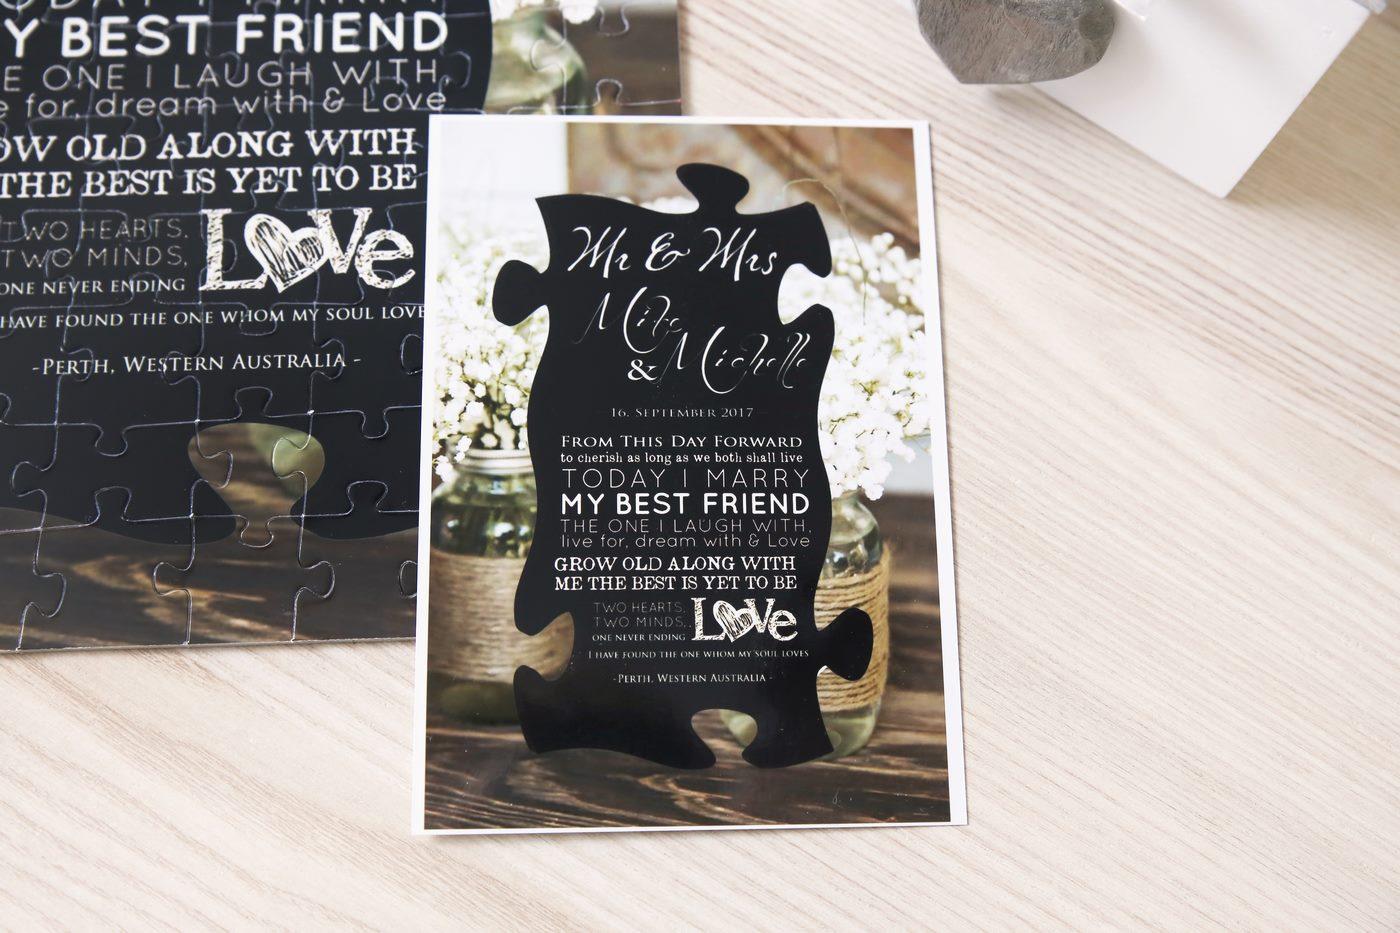 Einladungskarte als Fotopuzzle nach Foto